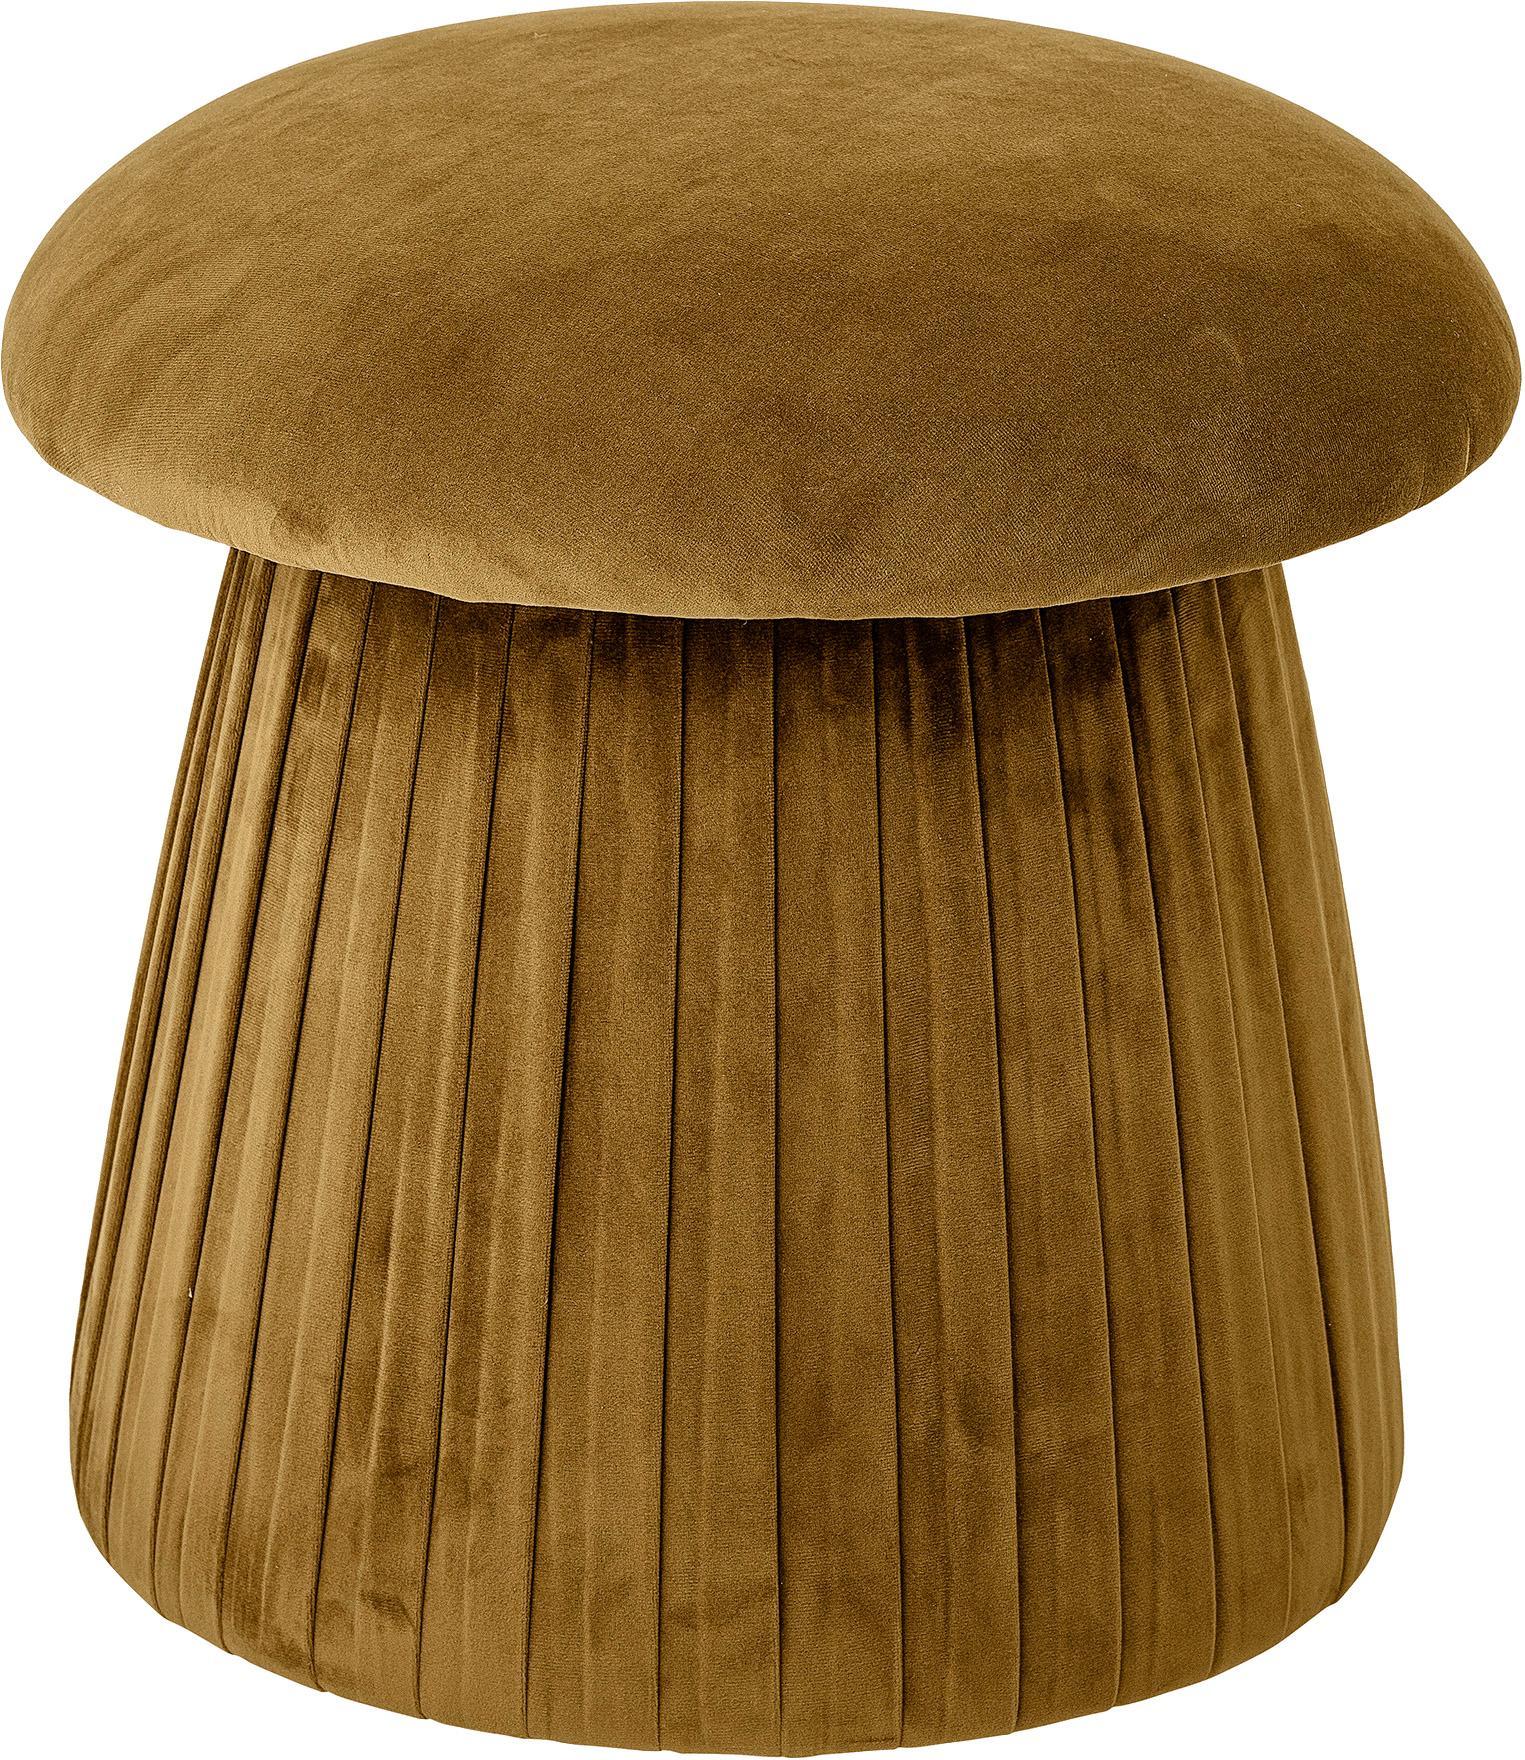 Puf de terciopelo Roberta, Tapizado: terciopelo de poliéster 4, Estructura: tablero de fibras de dens, Marrón, Ø 44 x Al 45 cm